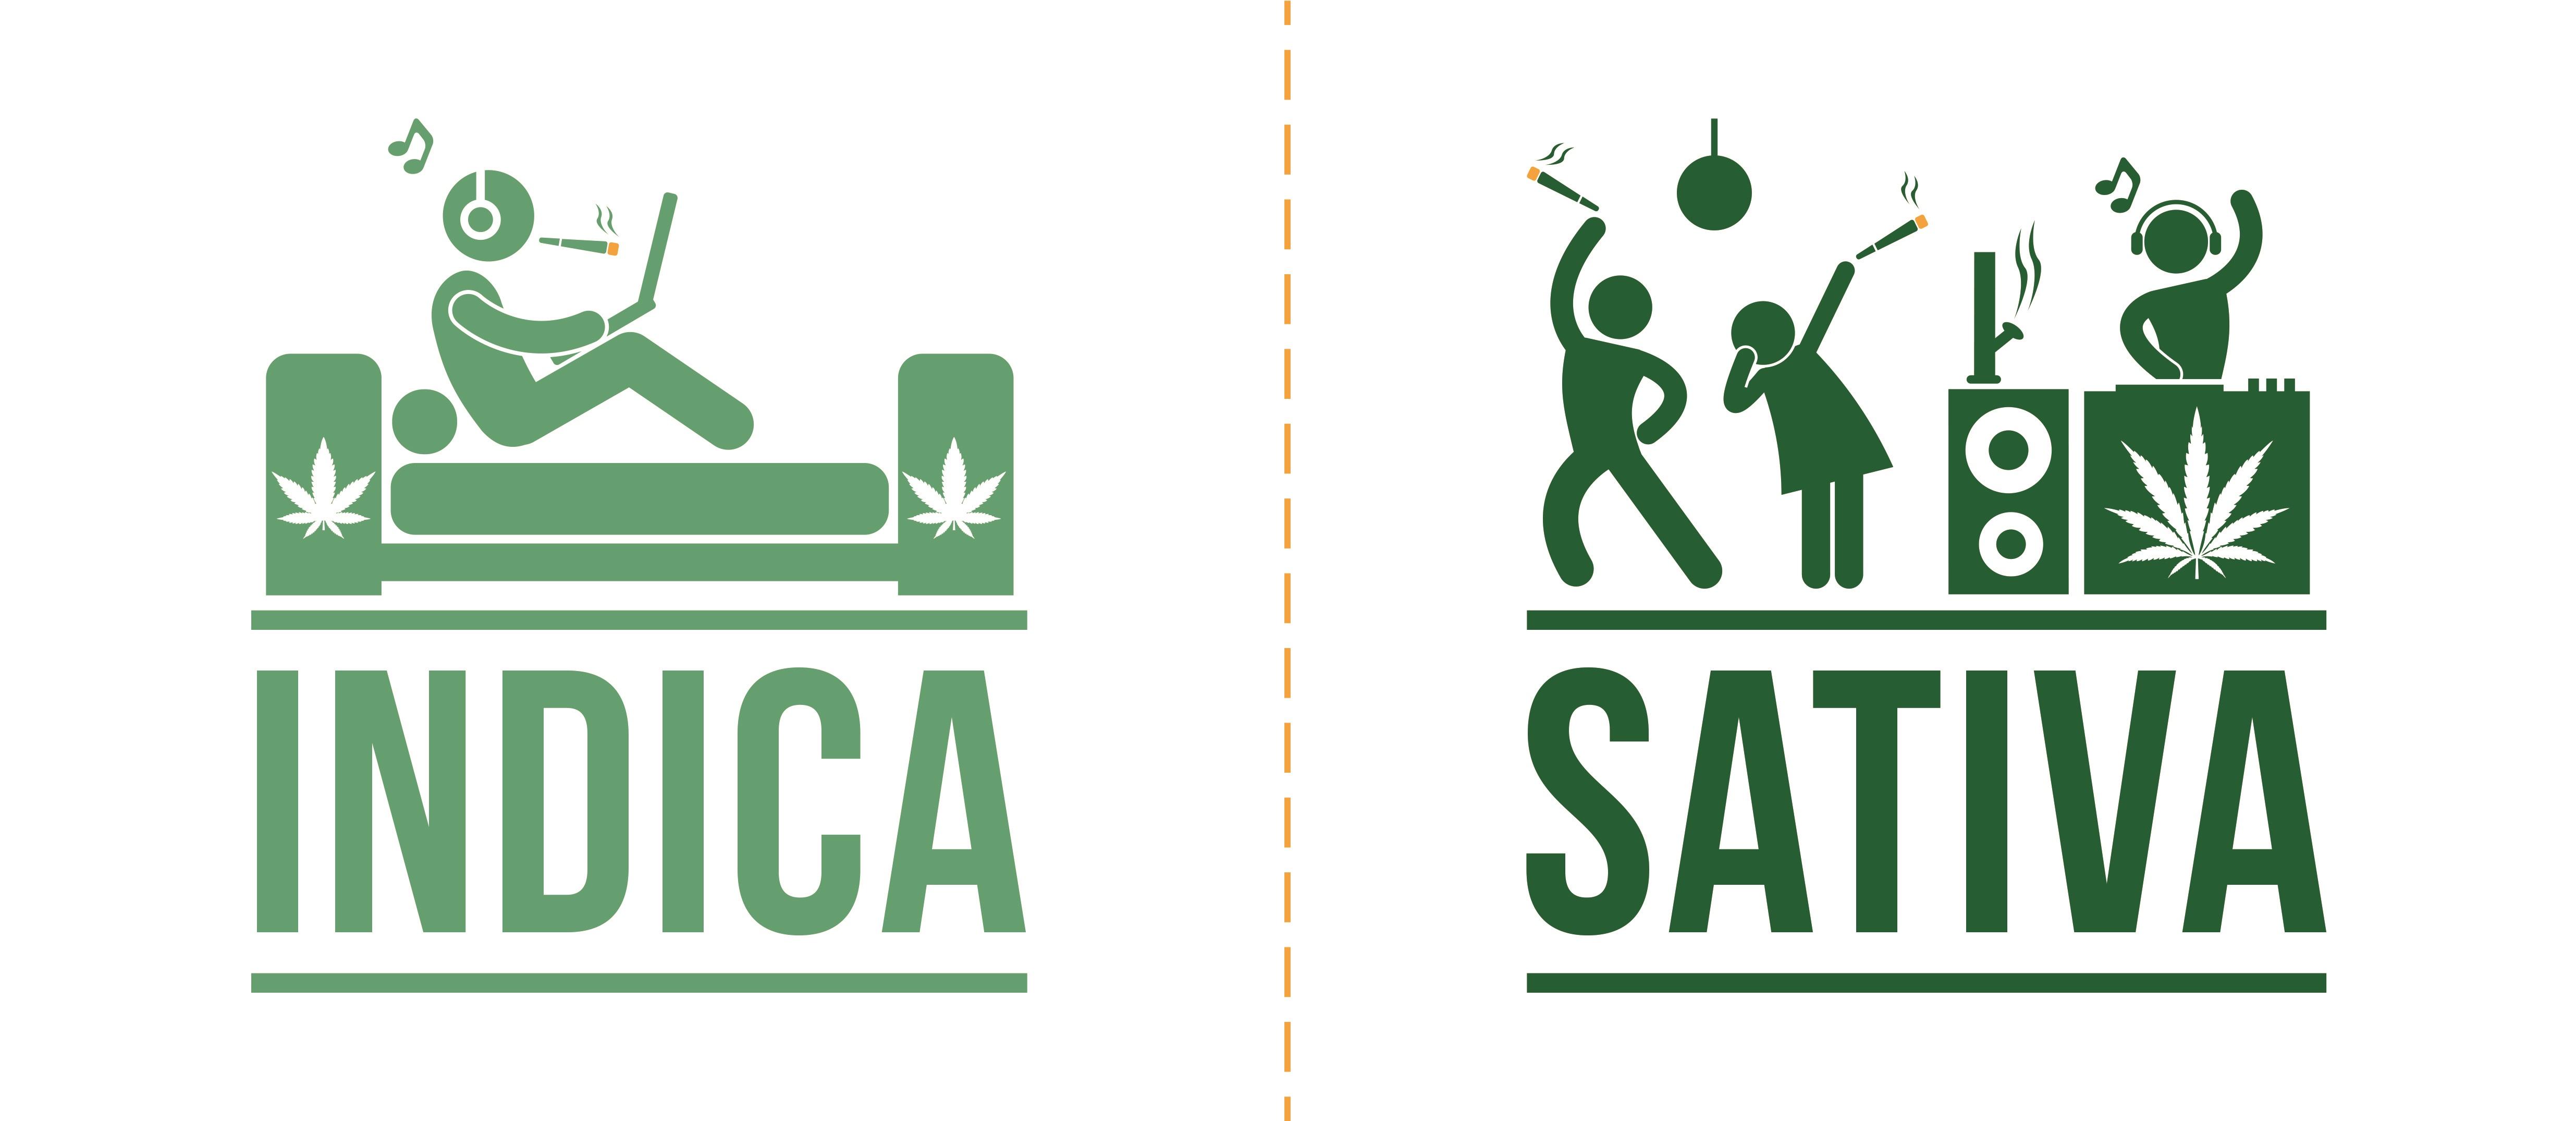 Indica o Sativa? Las diferencias entre indica y sativa - efecto